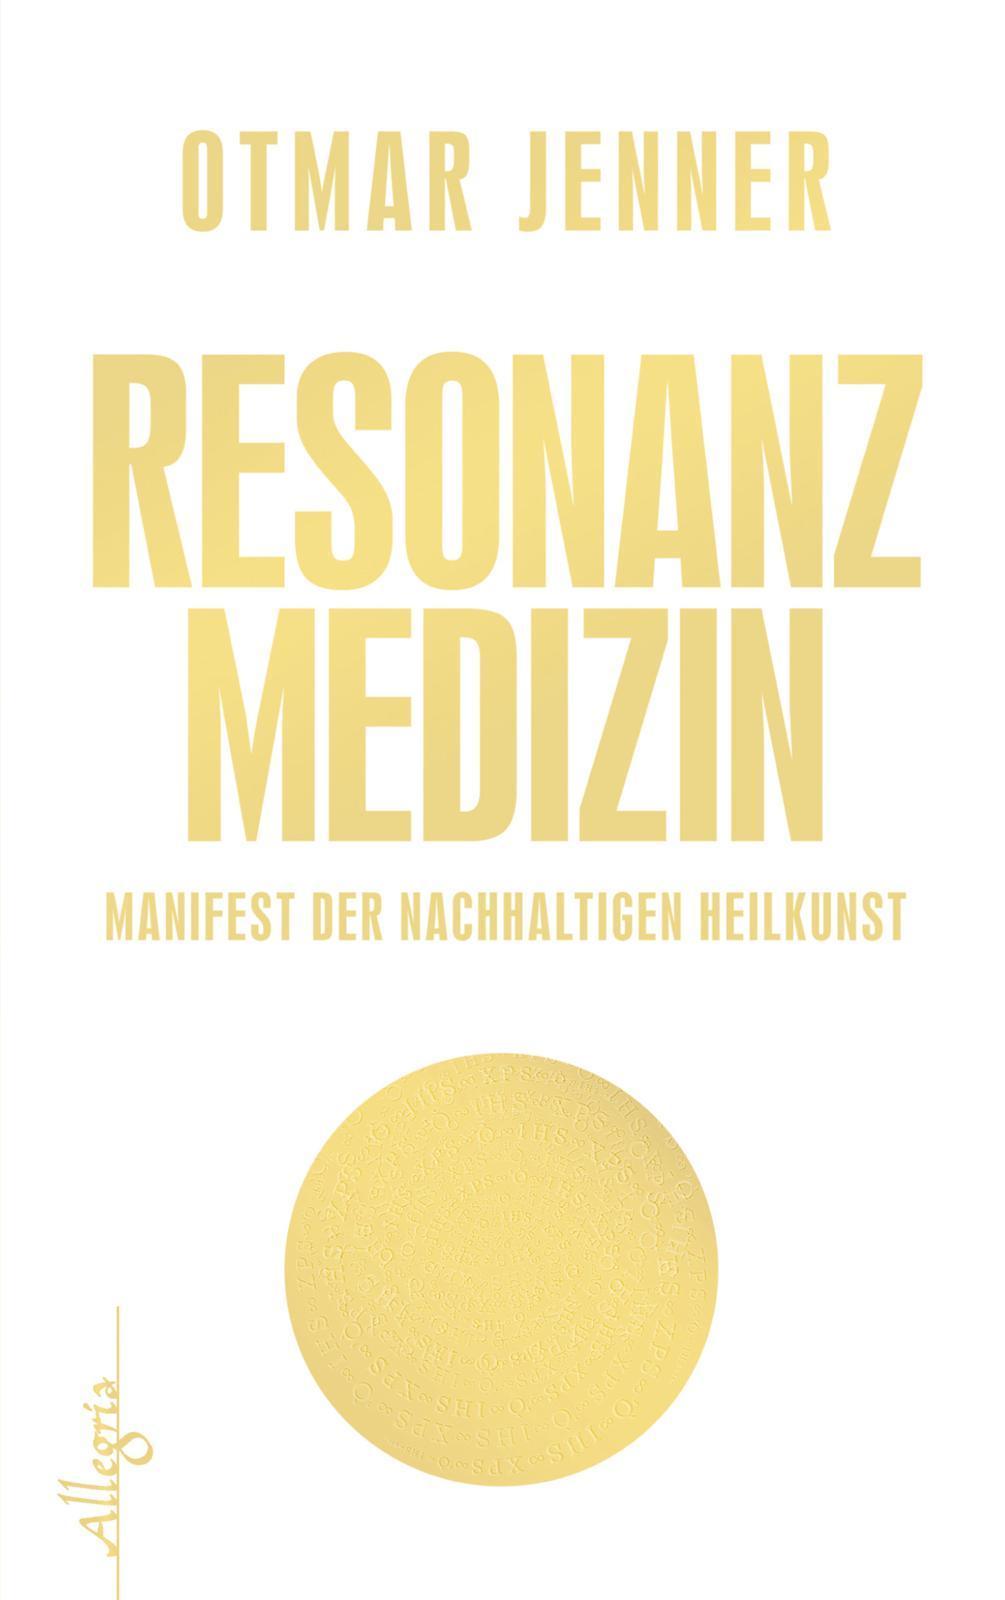 Otmar Jenner , Resonanz-Medizin ,  9783793422273